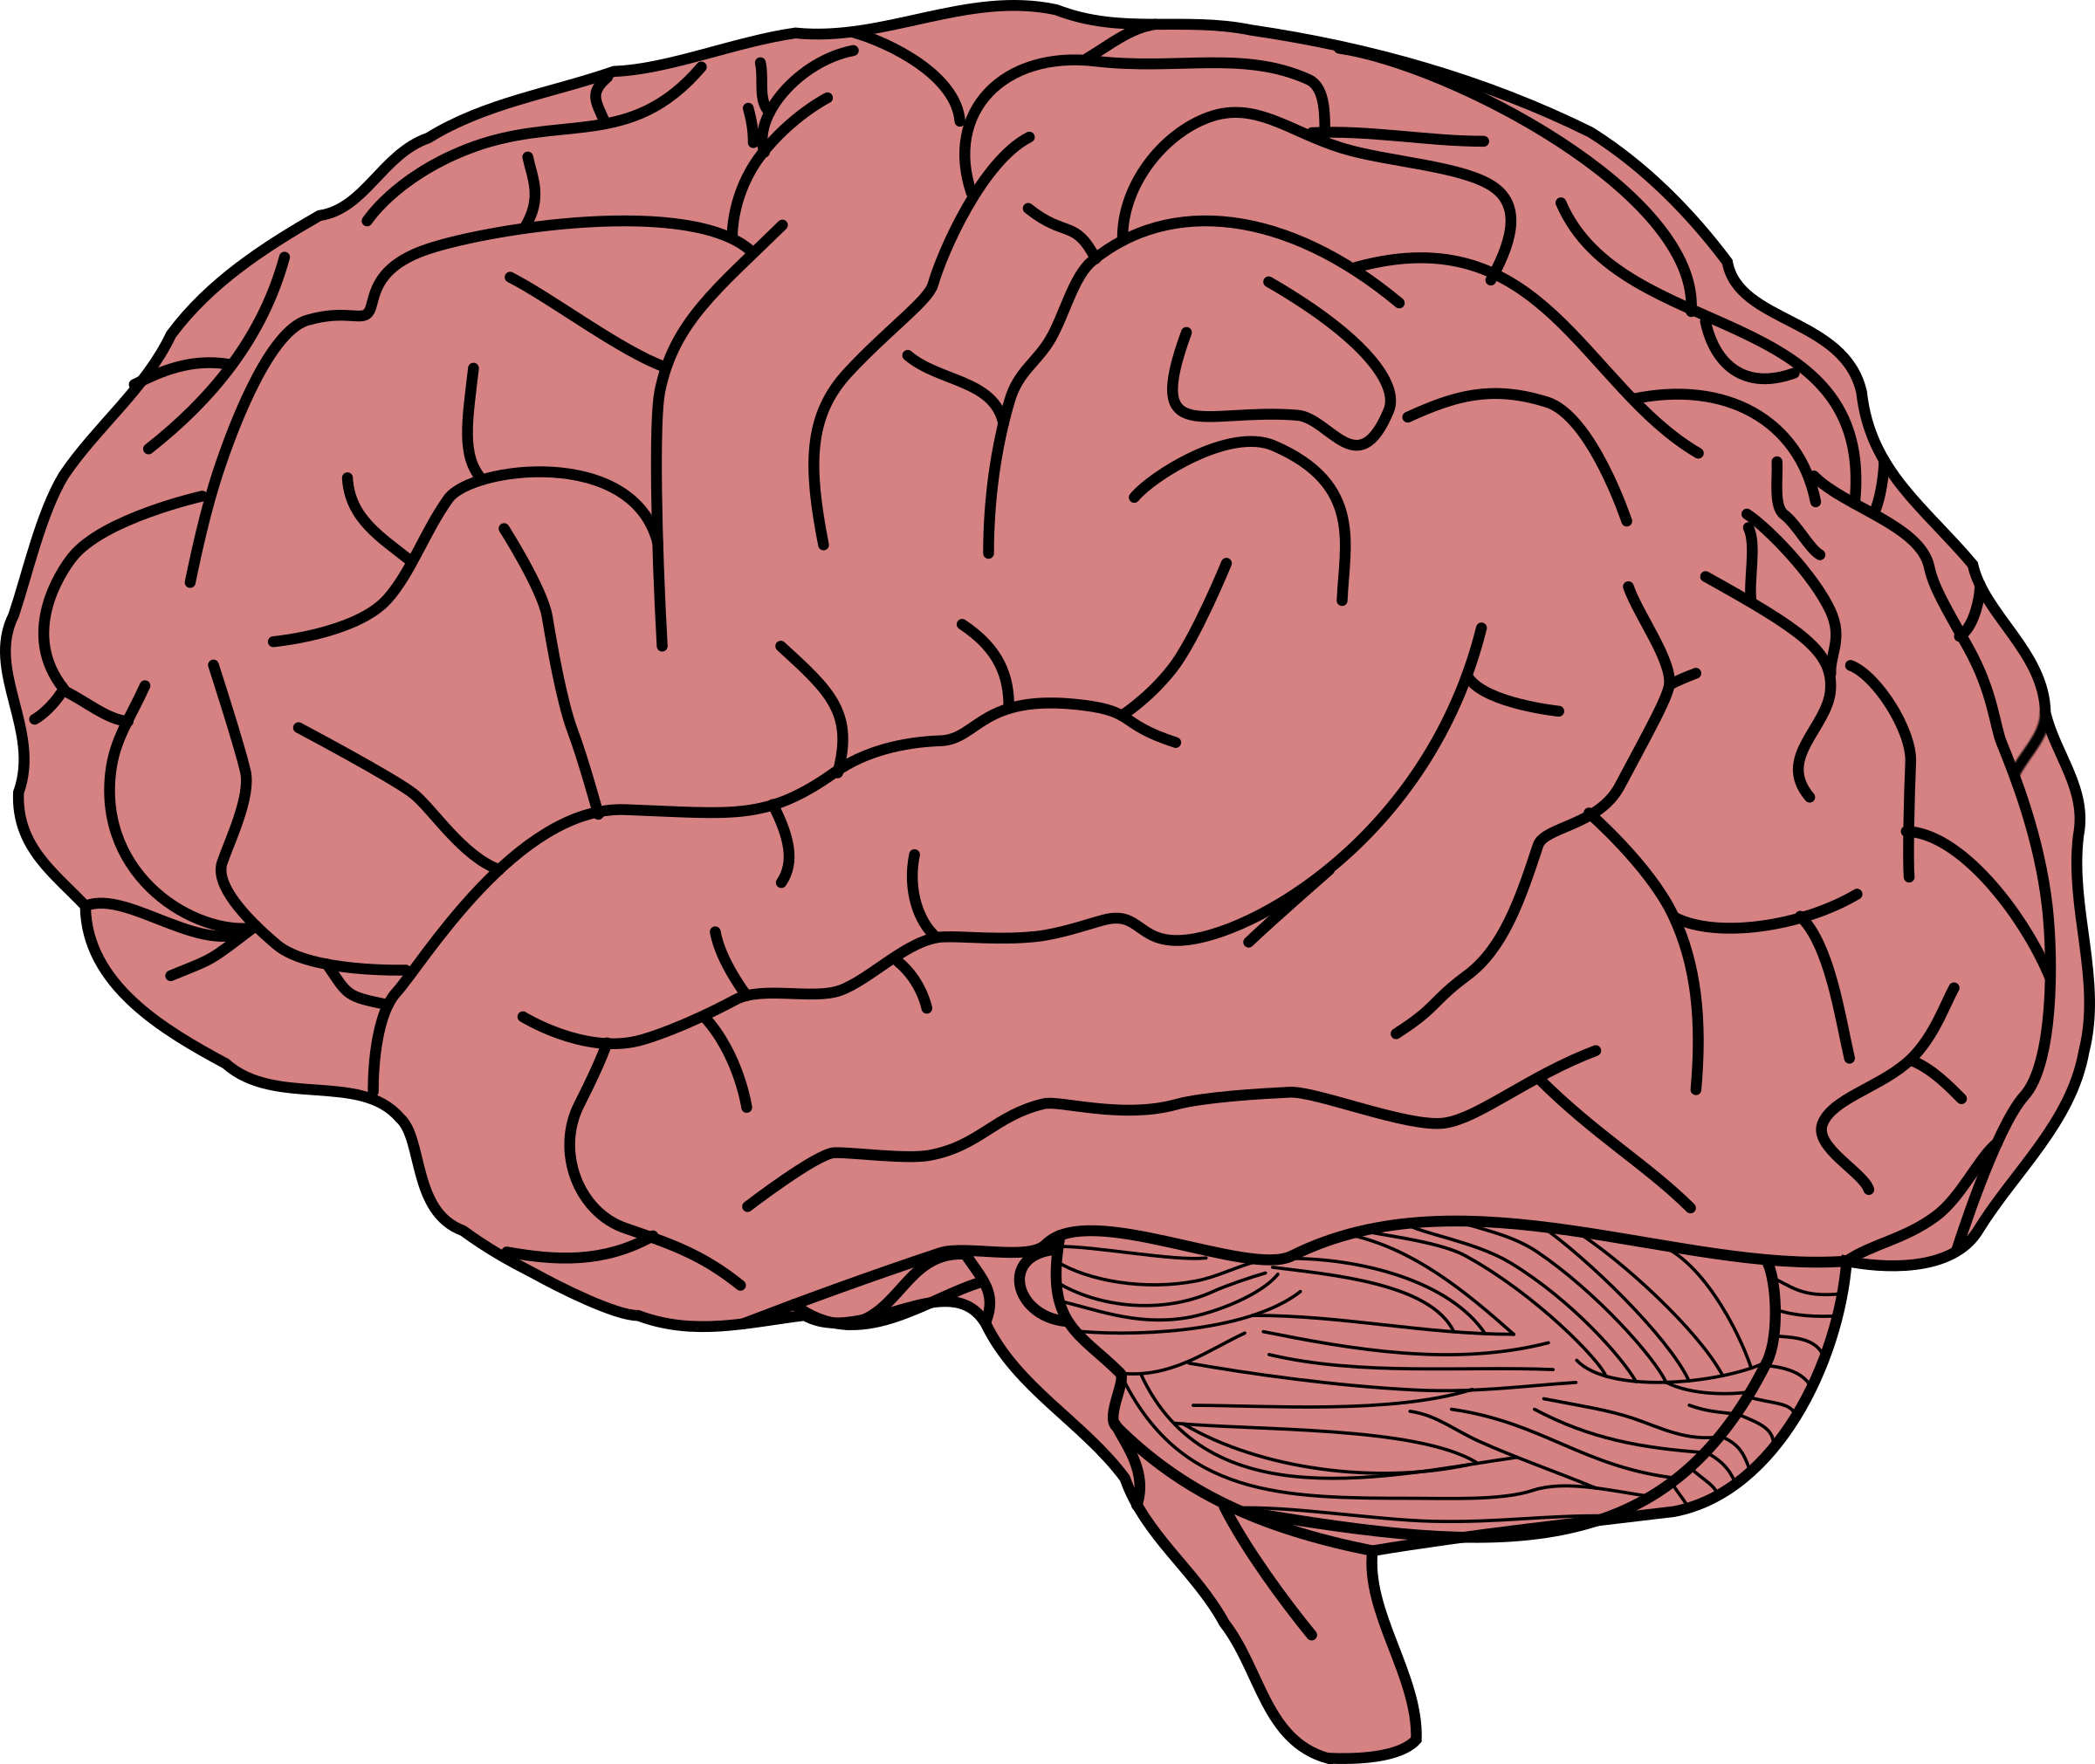 Прикольный рисунок мозга, новогодние открытки рабочий